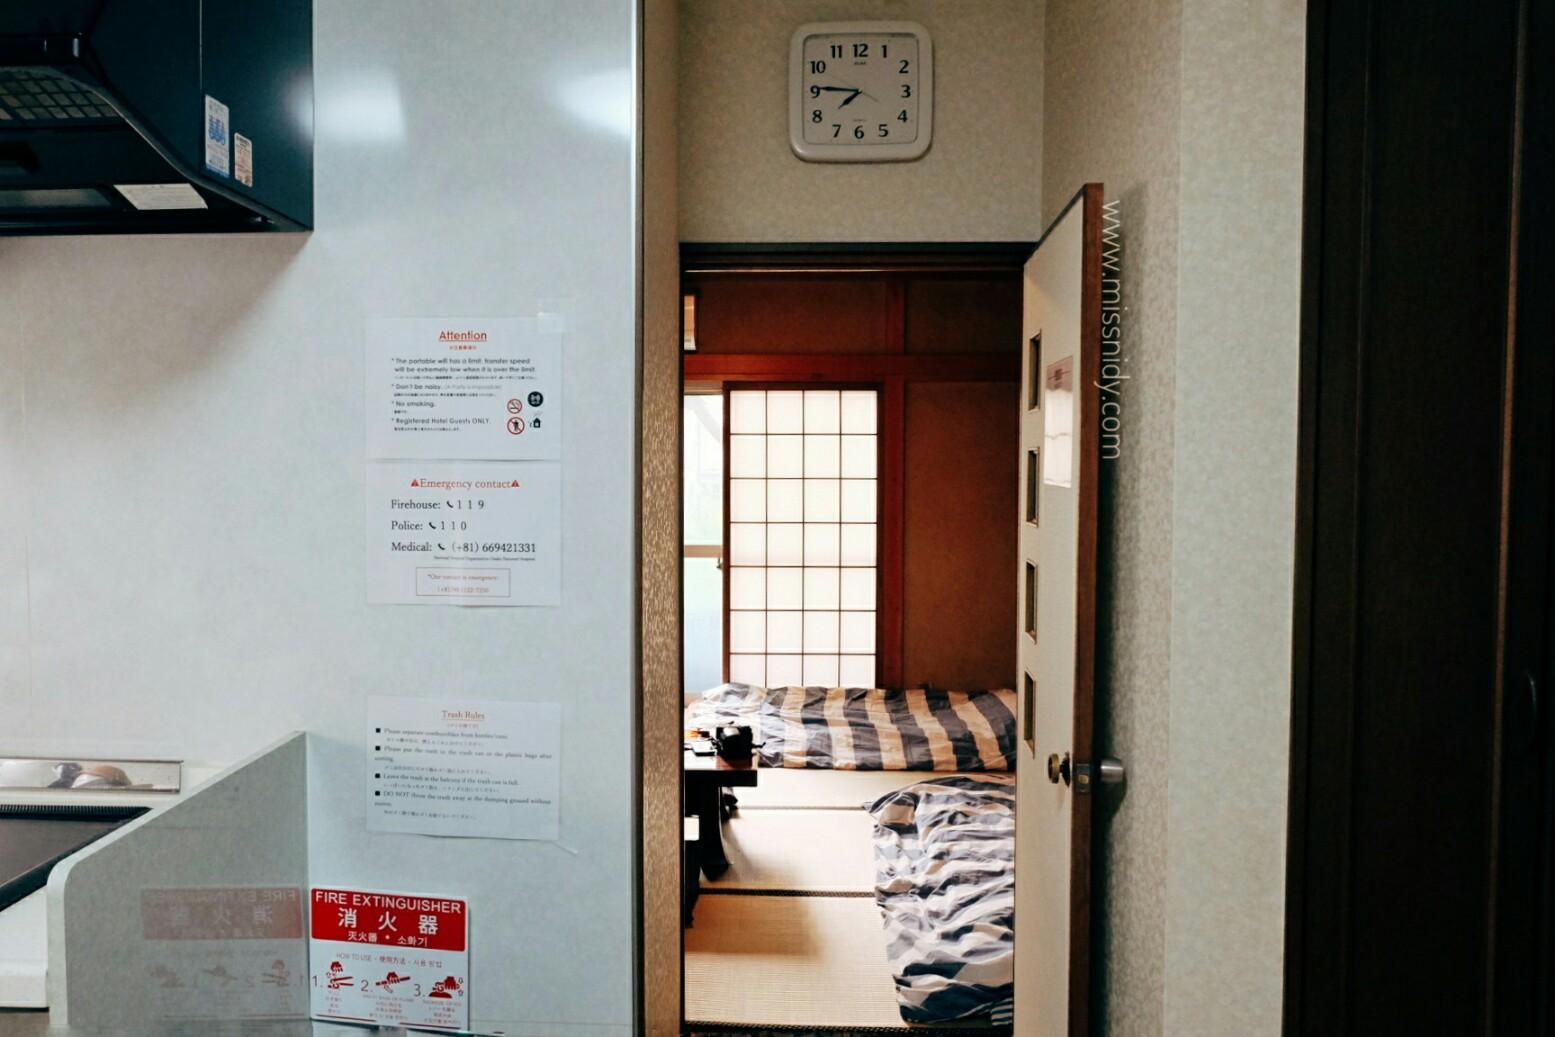 pengalaman sewa rumah airbnb di osaka jepang